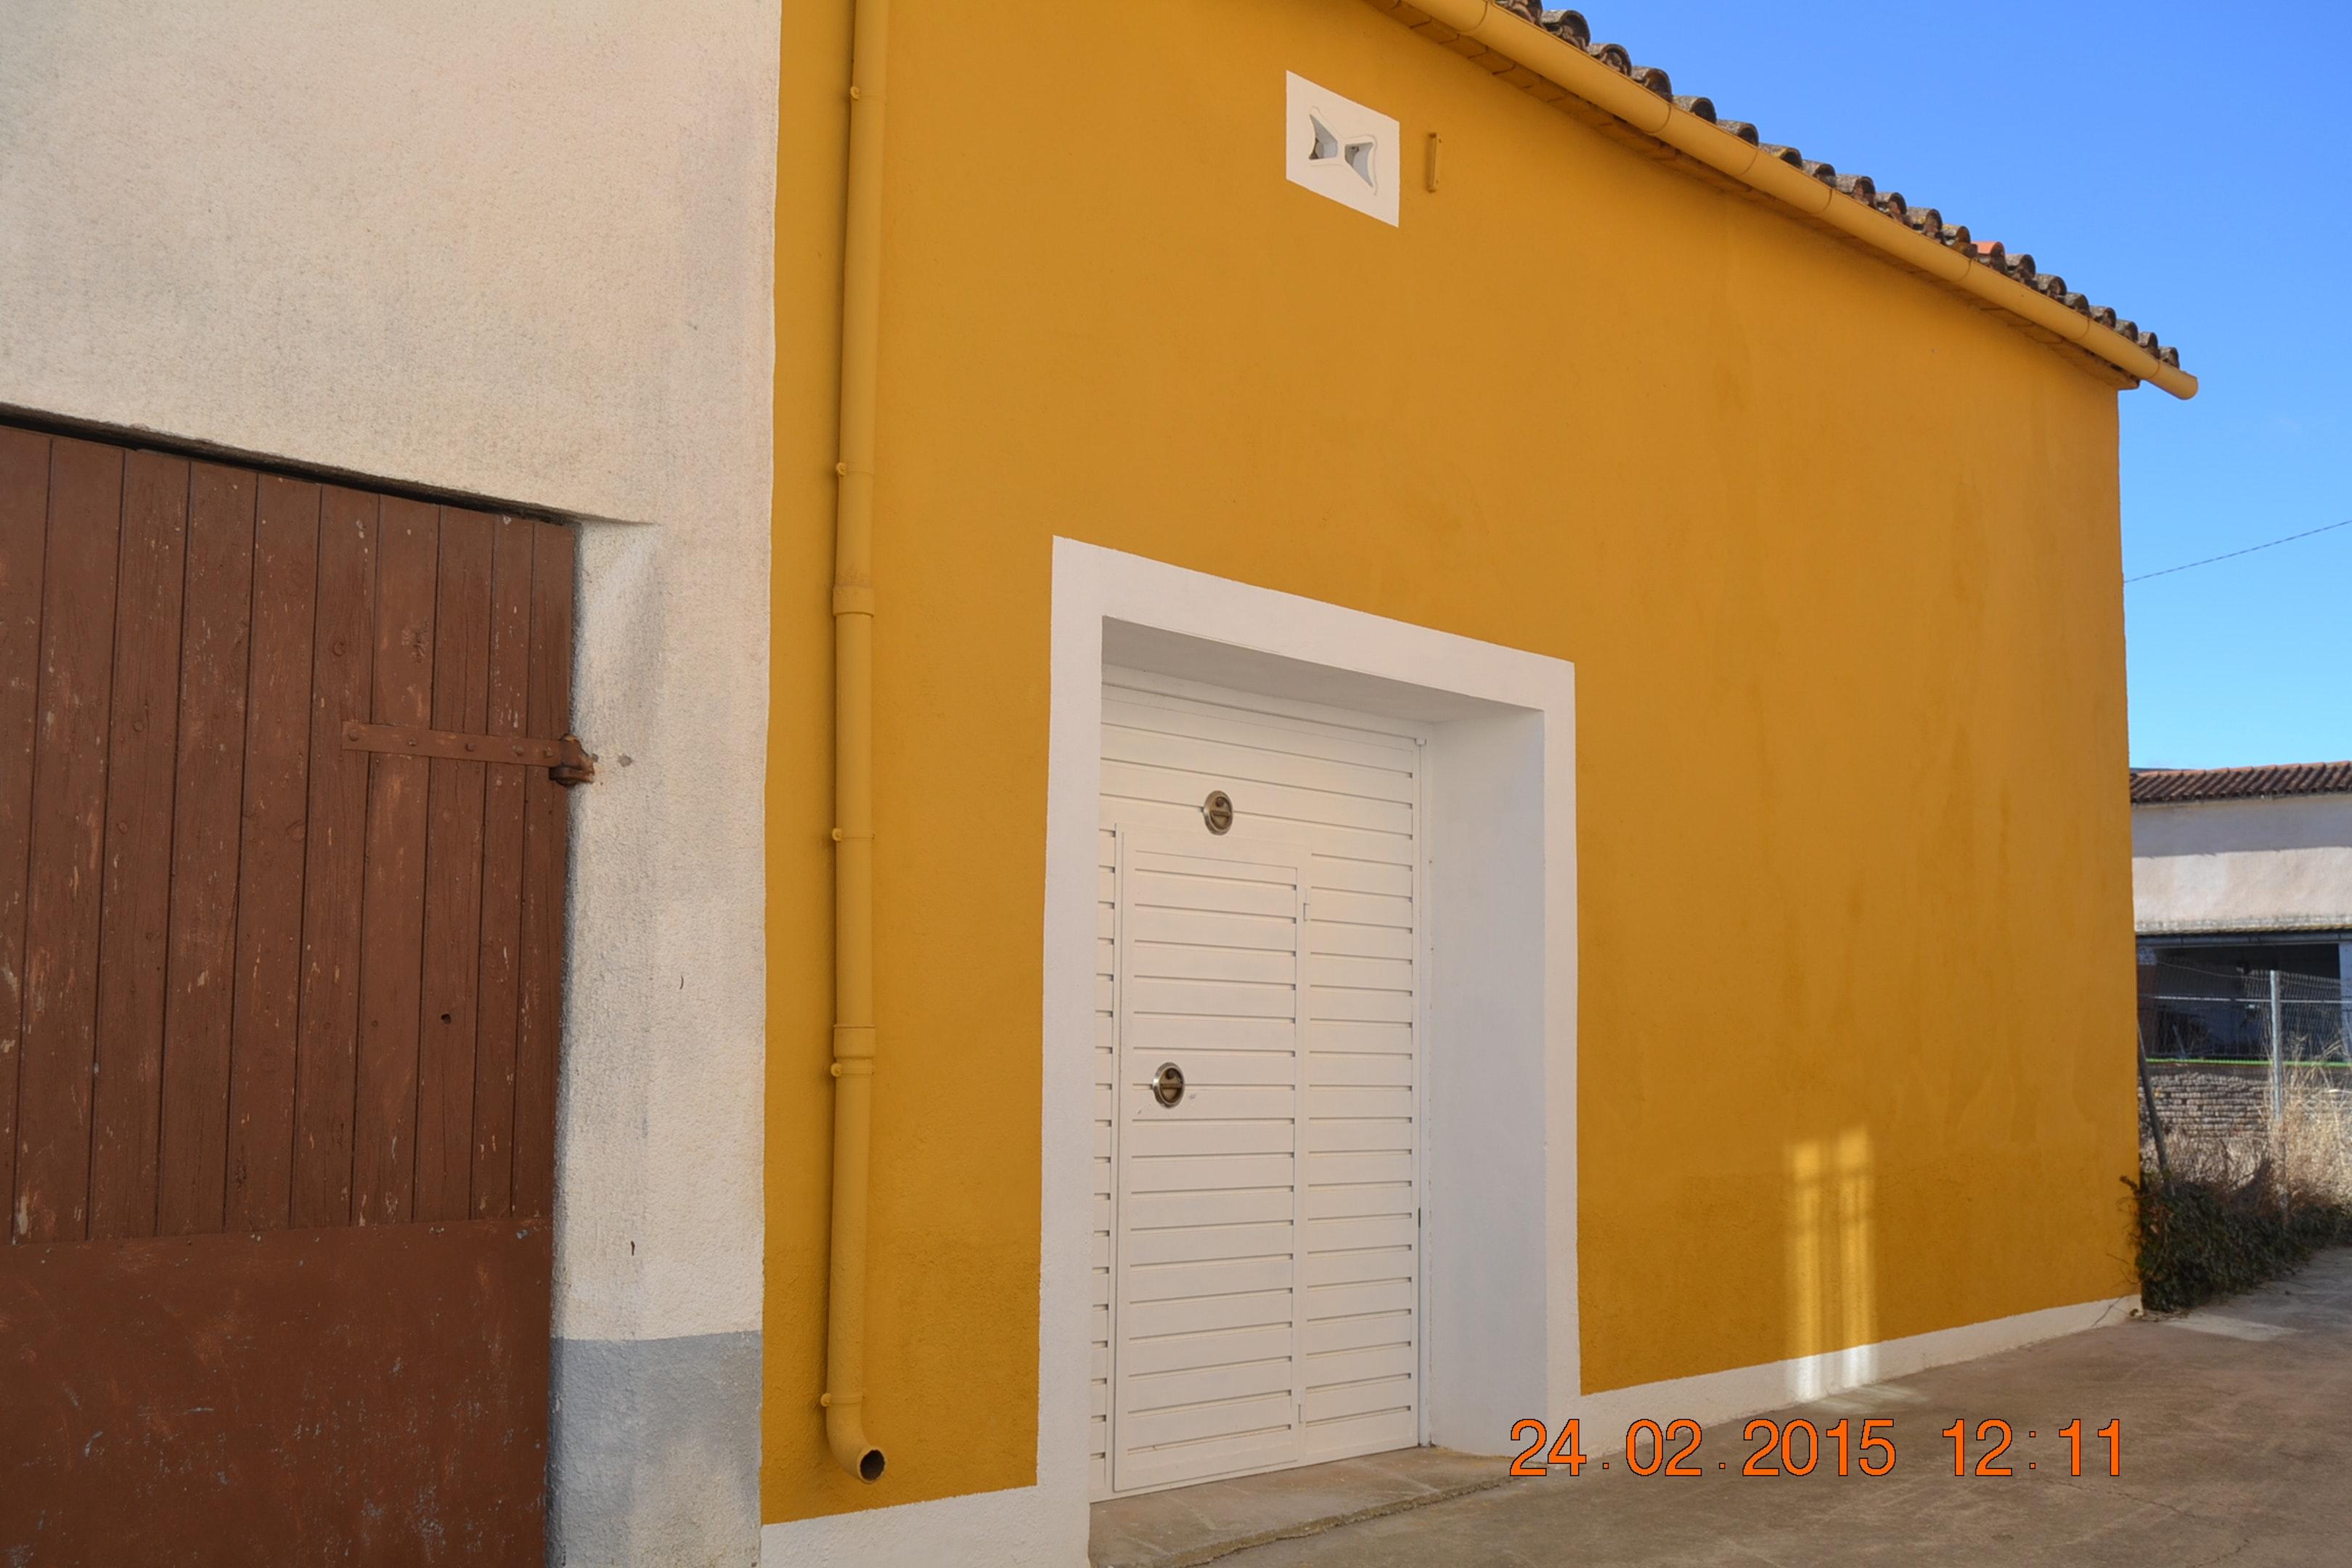 Ferienhaus Haus mit 4 Schlafzimmern in Sant Pere Sacarrera mit toller Aussicht auf die Berge, möblier (2217248), Sant Pere Sacarrera, Barcelona, Katalonien, Spanien, Bild 21